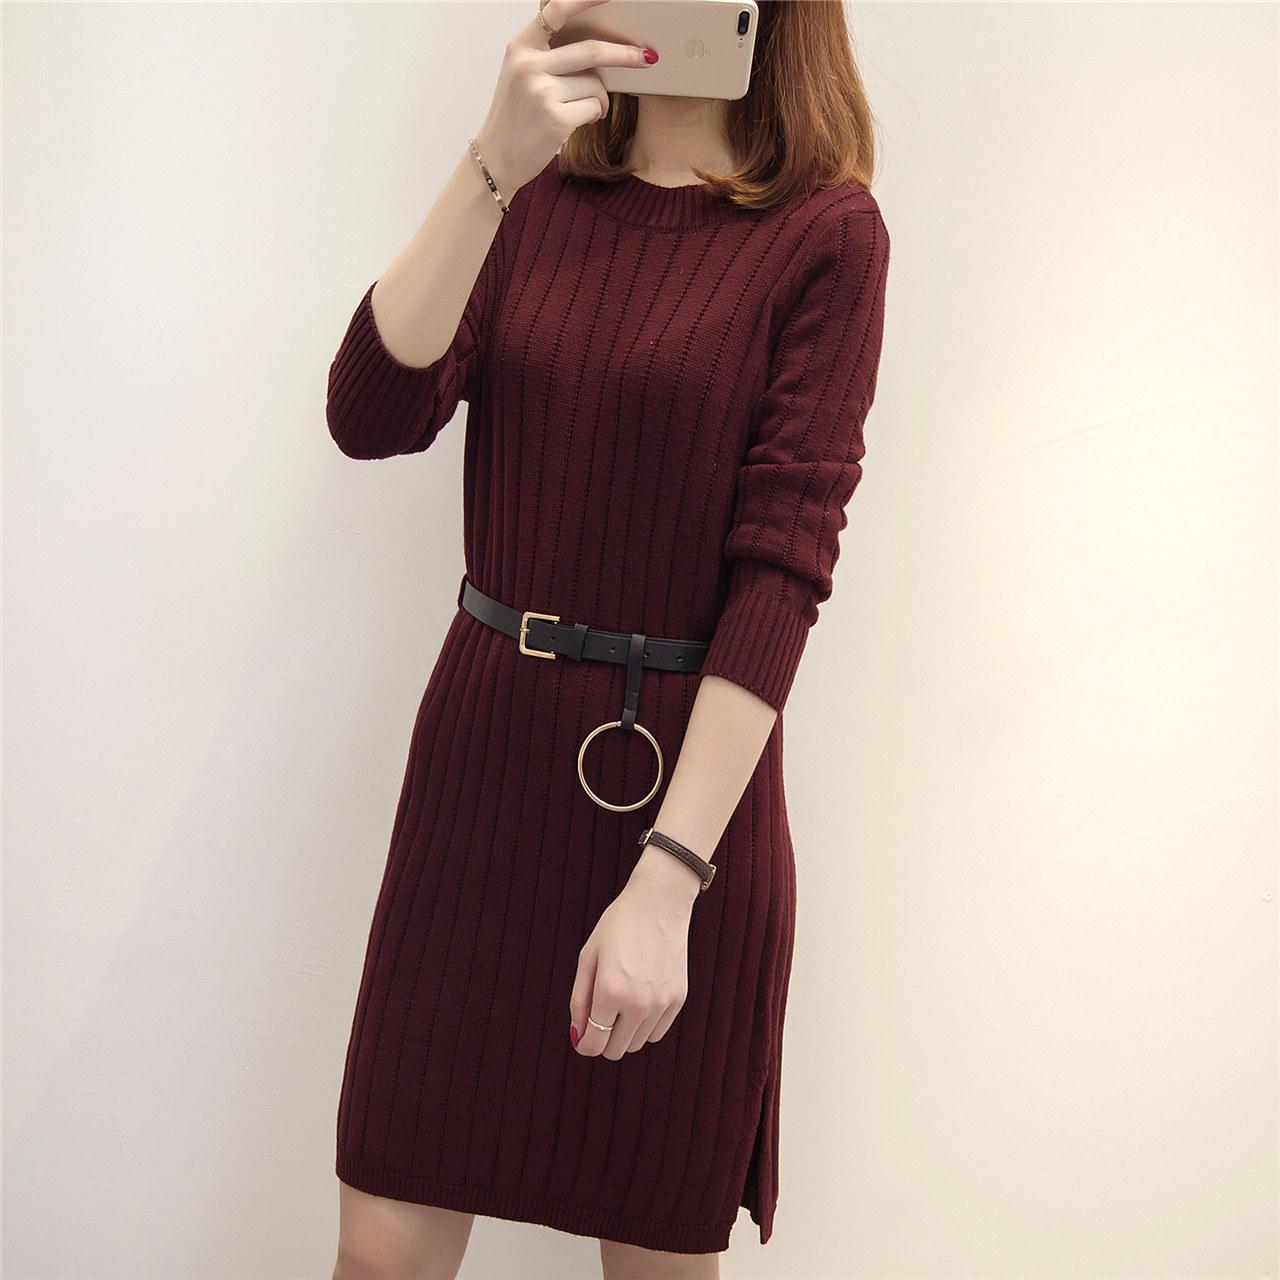 2018韩版女装开叉针织连衣裙秋冬季新款中长款打底衫宽松套头毛衣